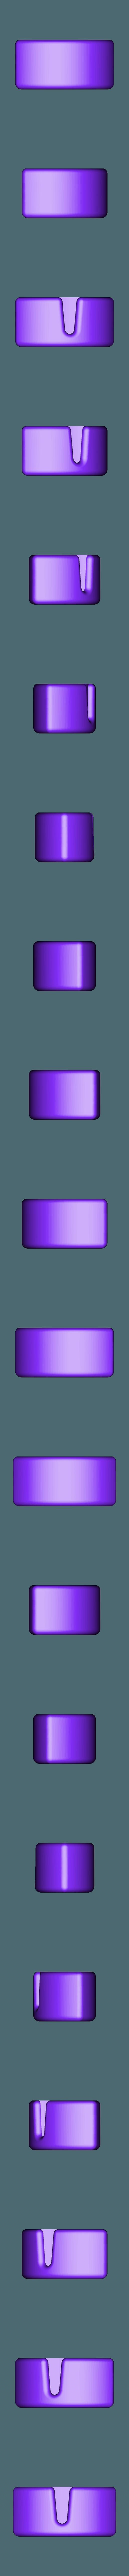 cover_hormann_top.stl Télécharger fichier STL gratuit Hormann HSE2-868-BS Mallette de protection • Modèle imprimable en 3D, touchthebitum